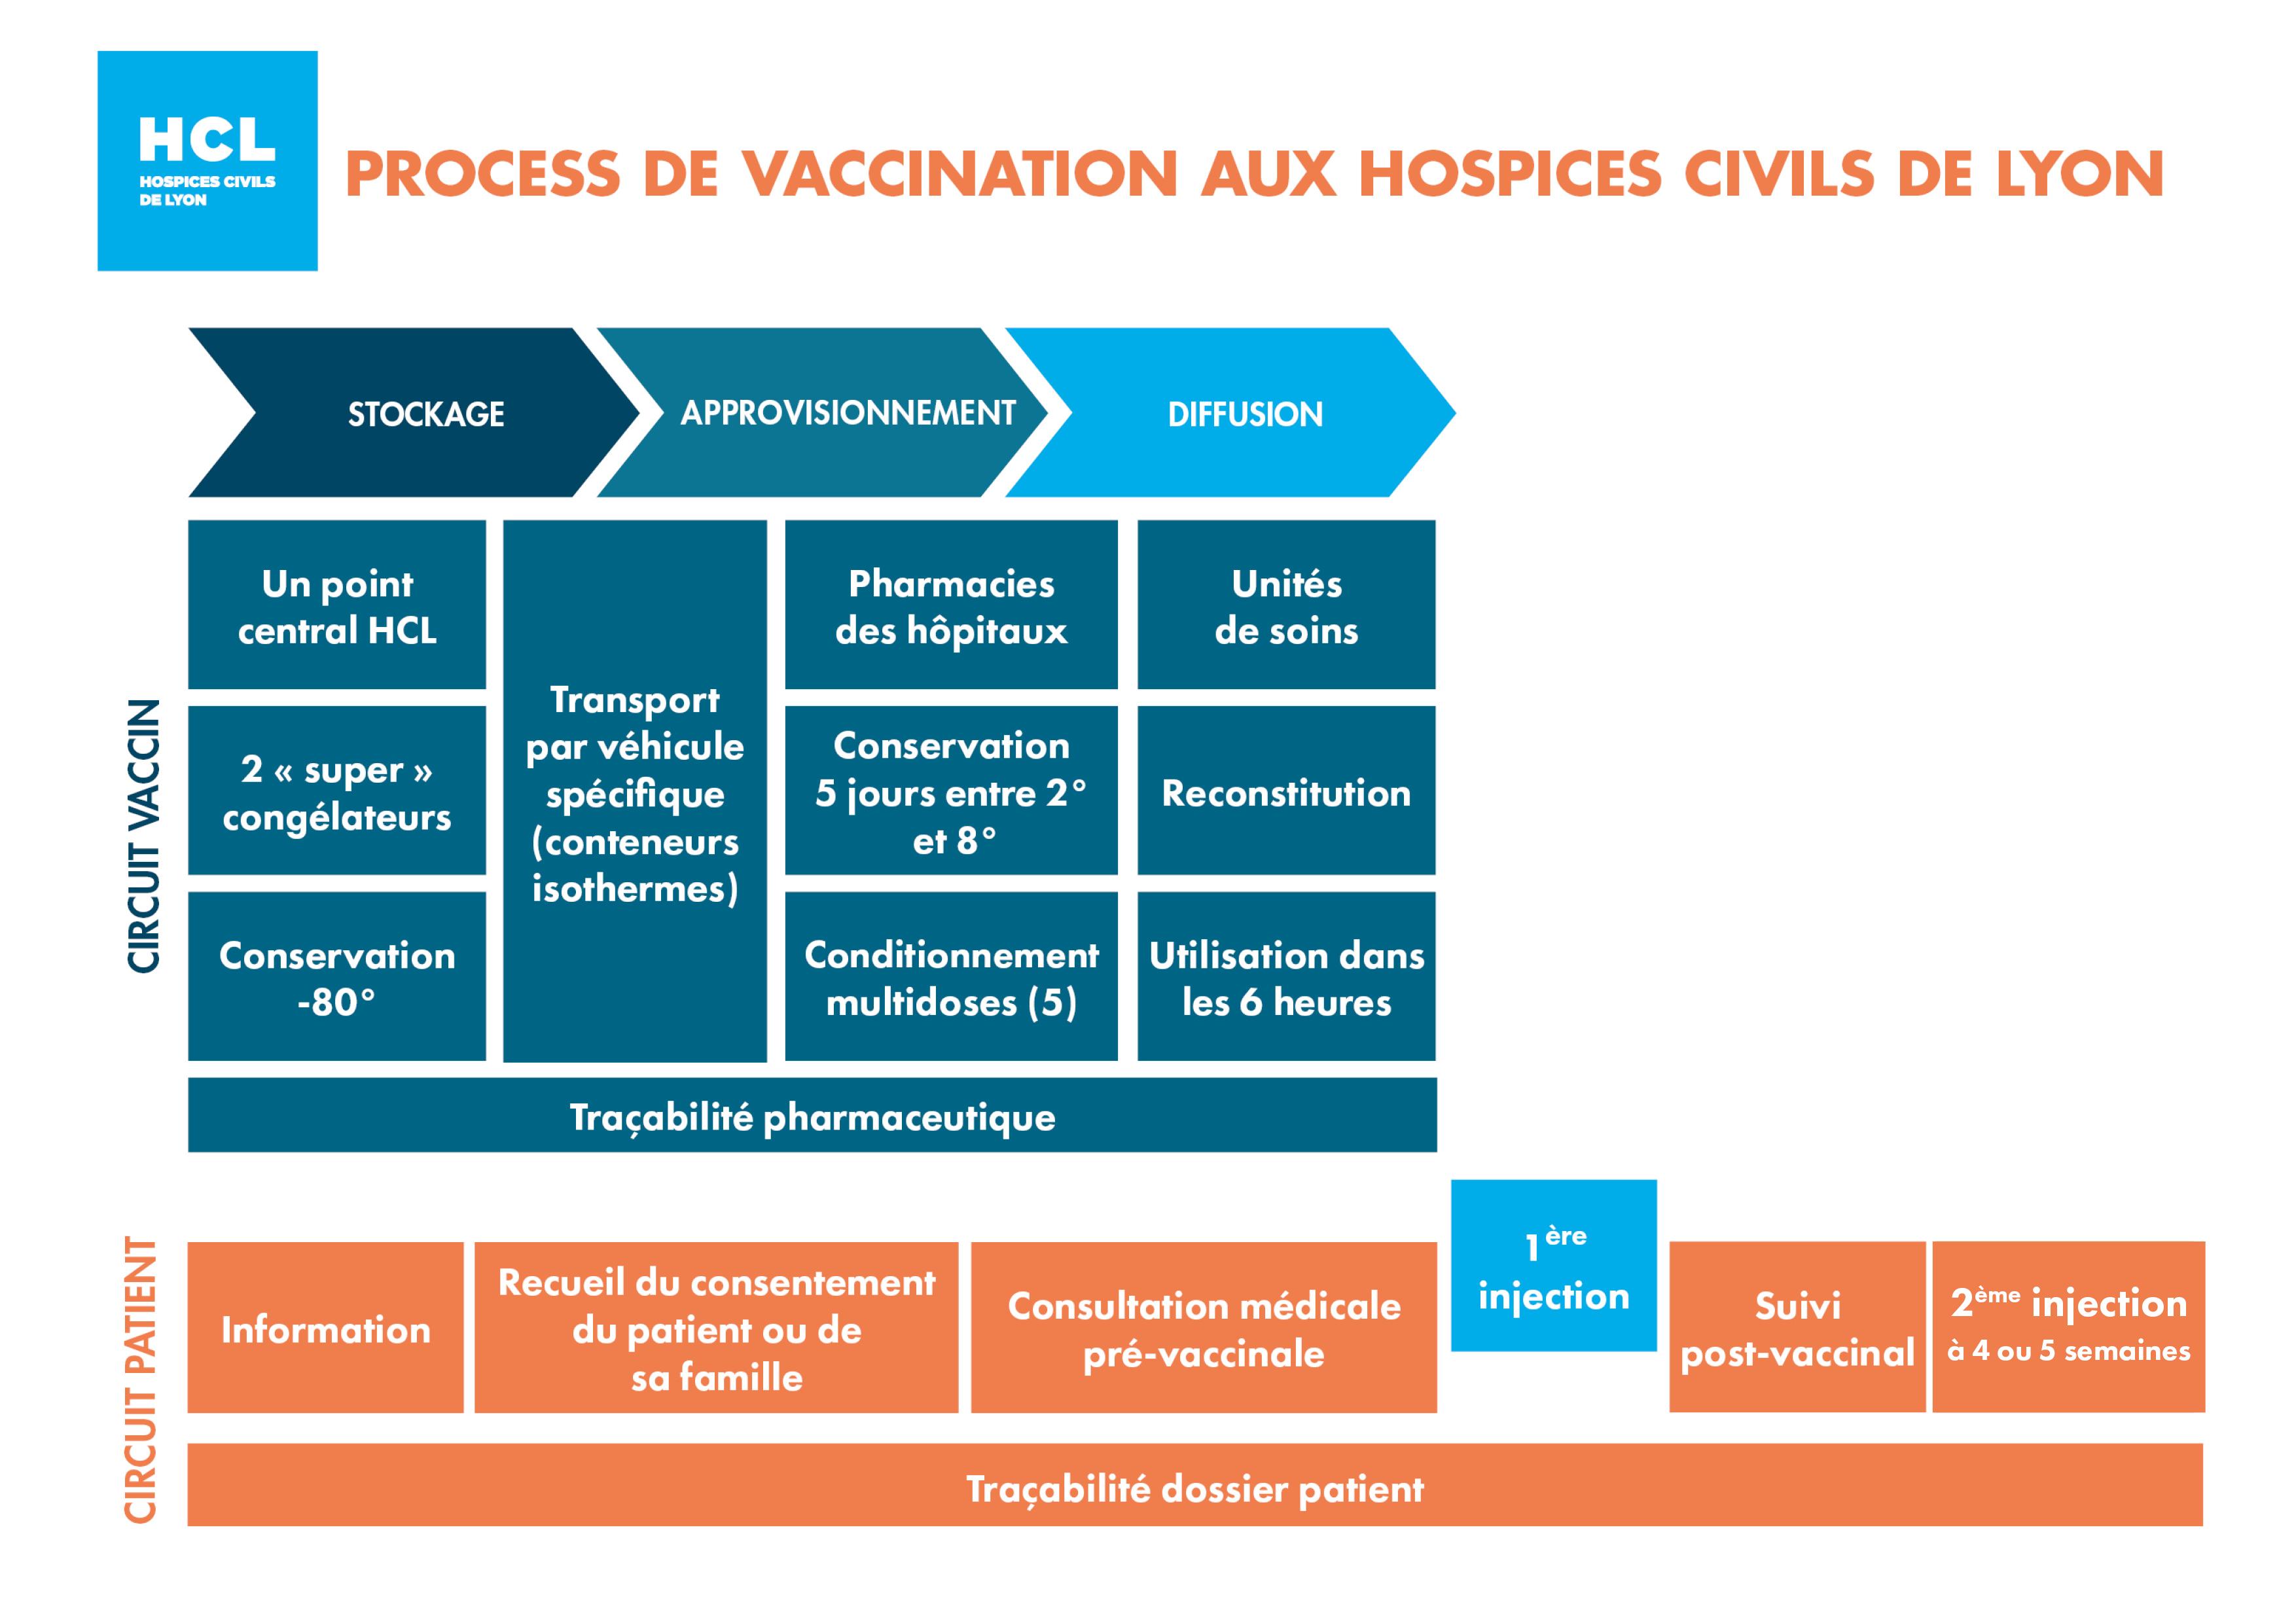 Process de vaccination contre la Covid-19 aux Hospices Civils de Lyon